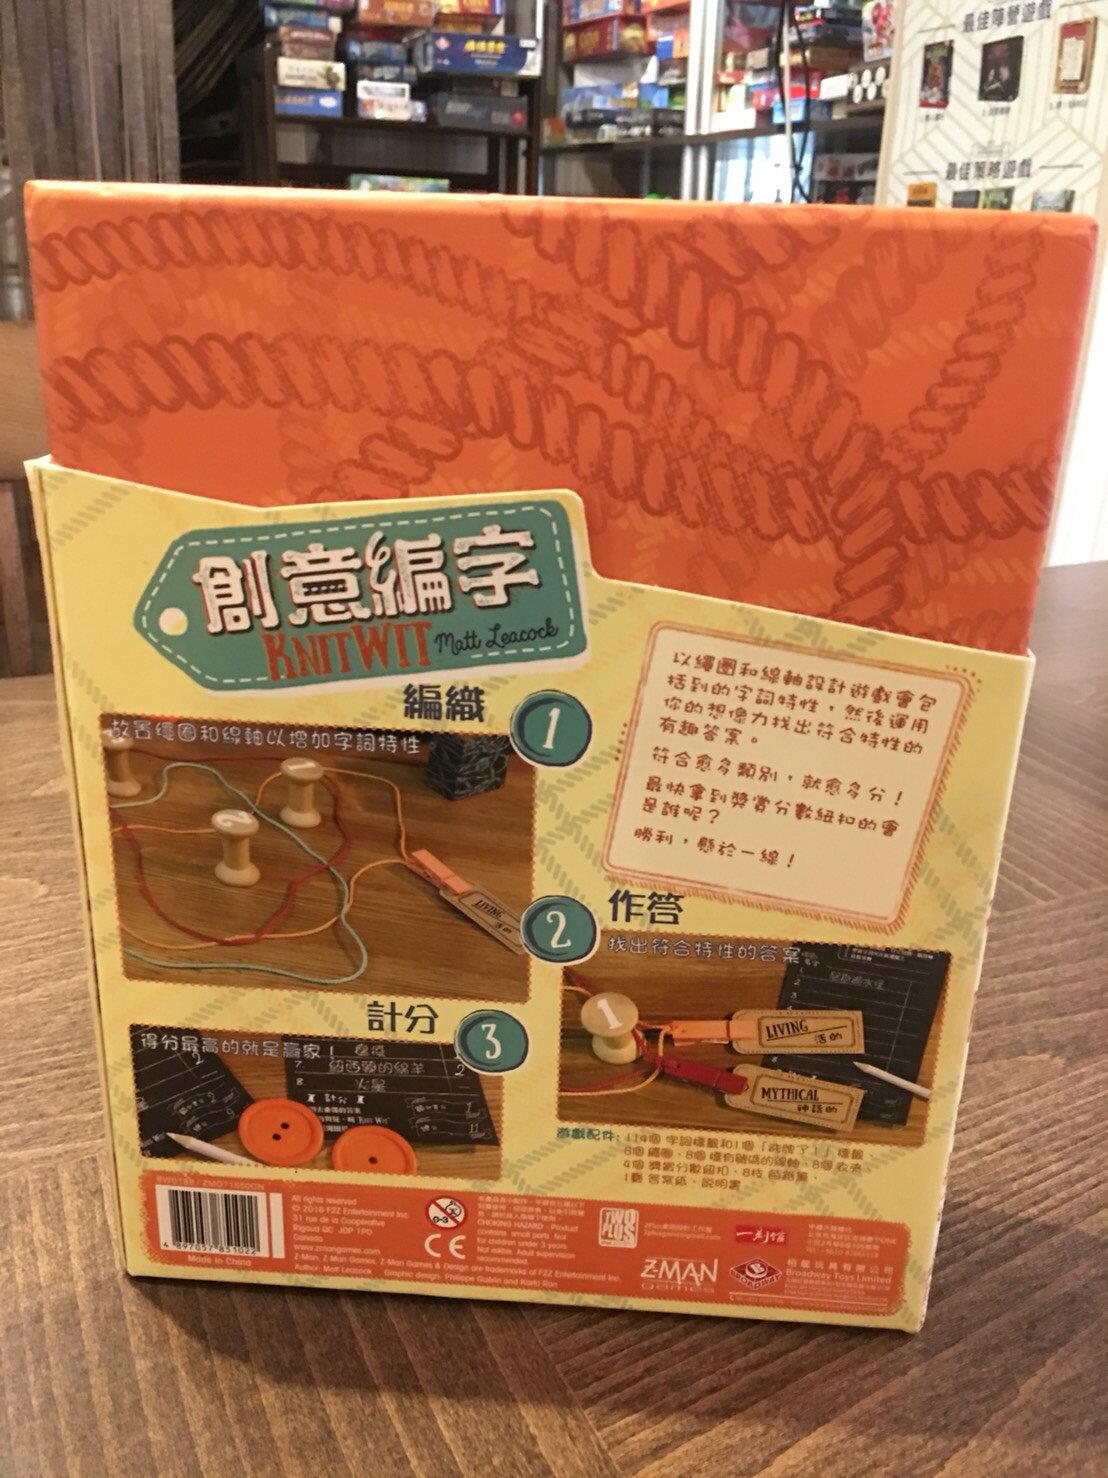 【桌遊侍】創意編字 Knit Wit 編織出屬於你的聯想拼字,輕鬆的派對遊戲 正版實體店面快速出貨《免運.再送充足牌套》